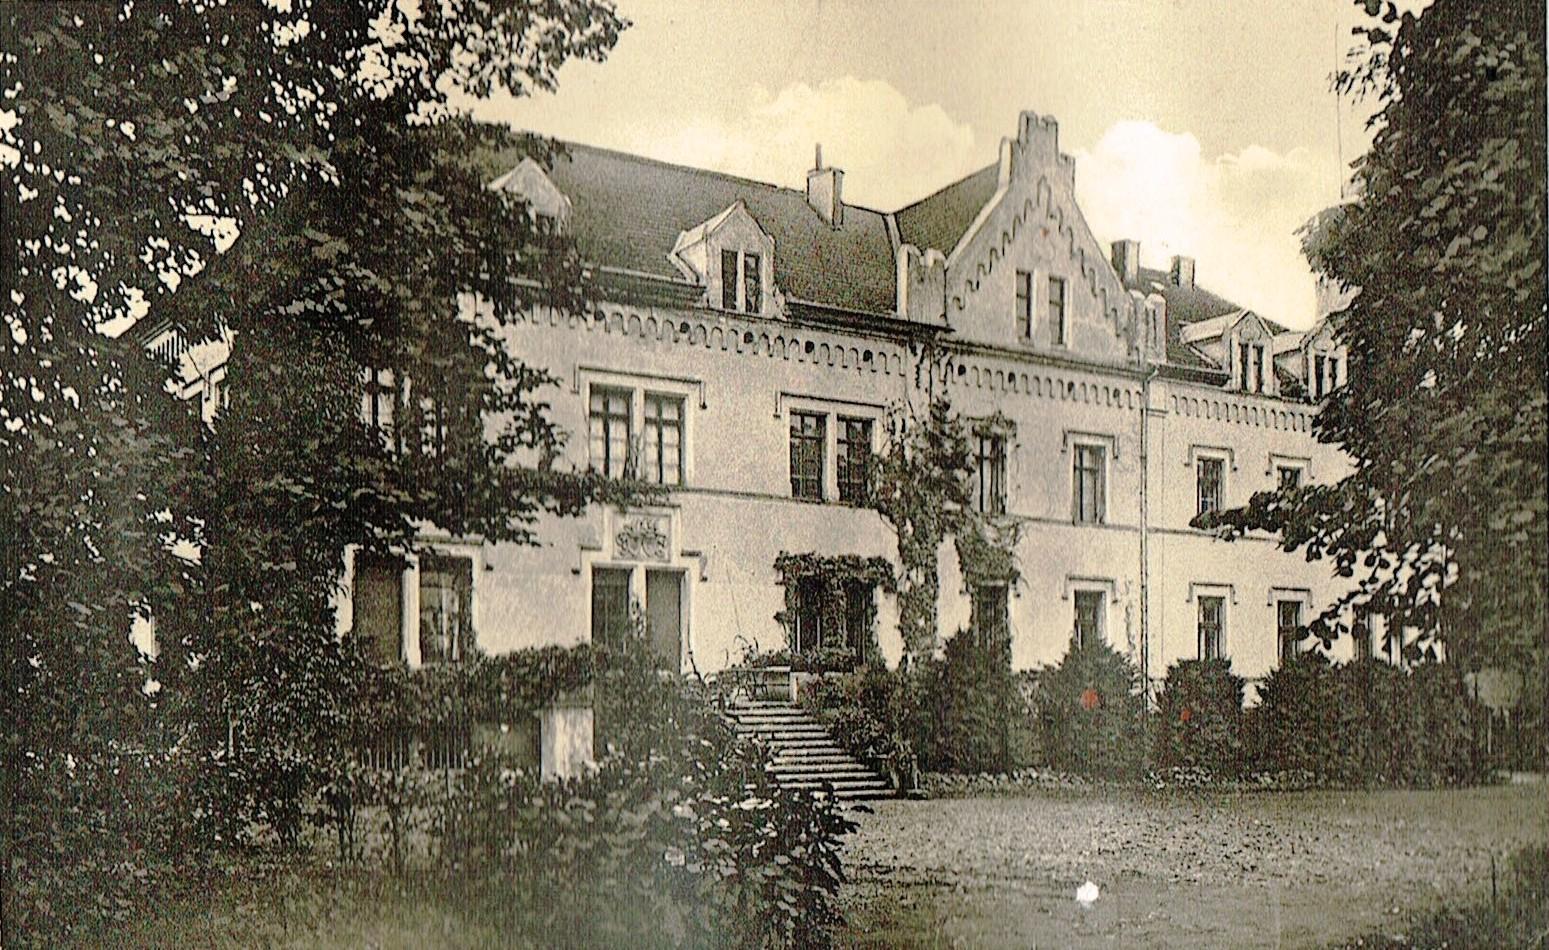 LS-Klein-Mantel-vom-See-aus-gesehen-um-1930